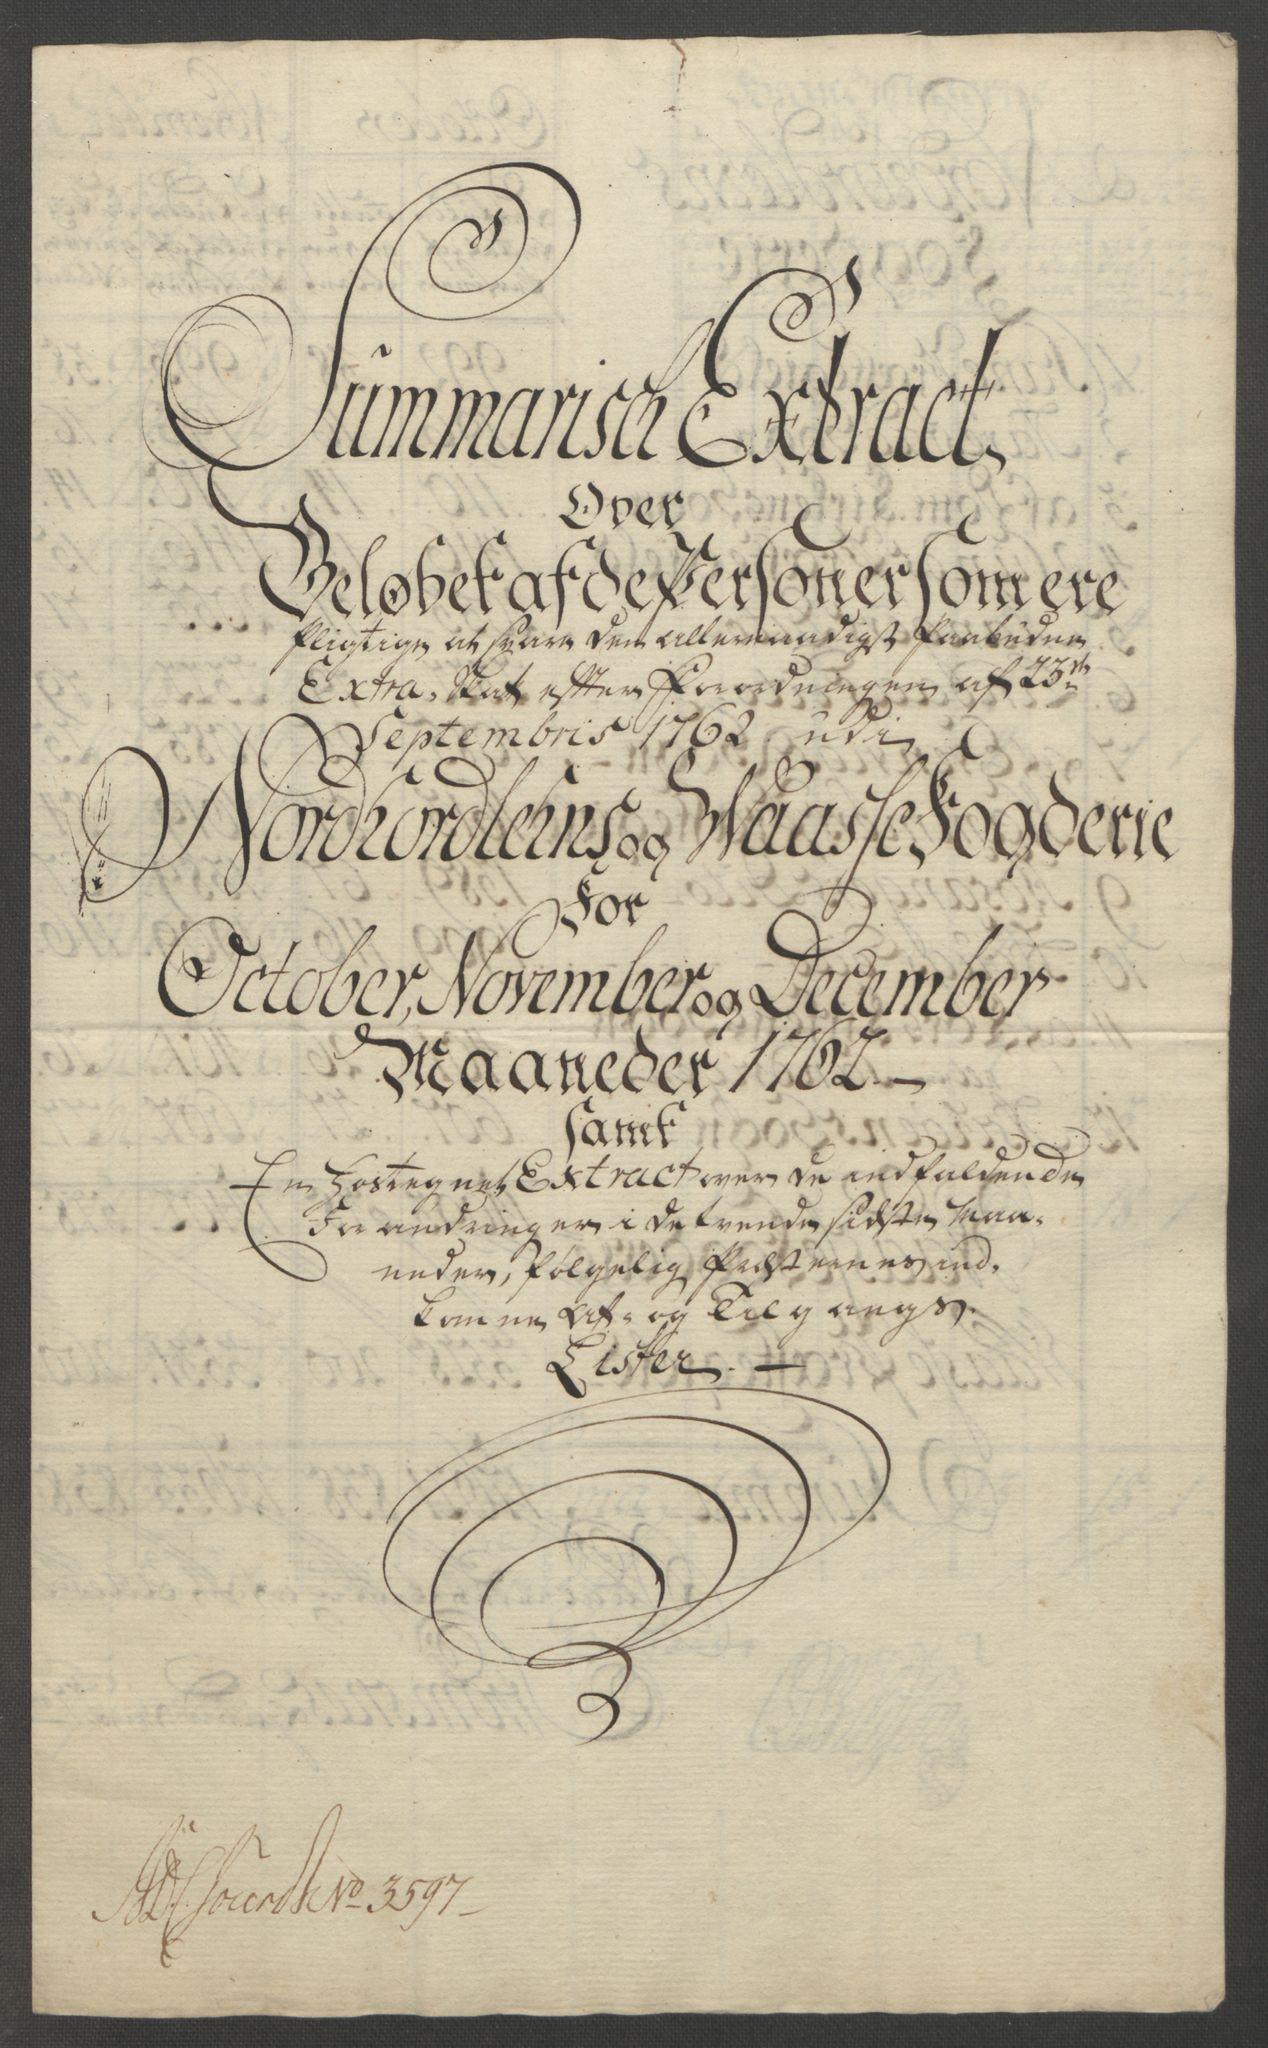 RA, Rentekammeret inntil 1814, Reviderte regnskaper, Fogderegnskap, R51/L3303: Ekstraskatten Nordhordland og Voss, 1762-1772, s. 11